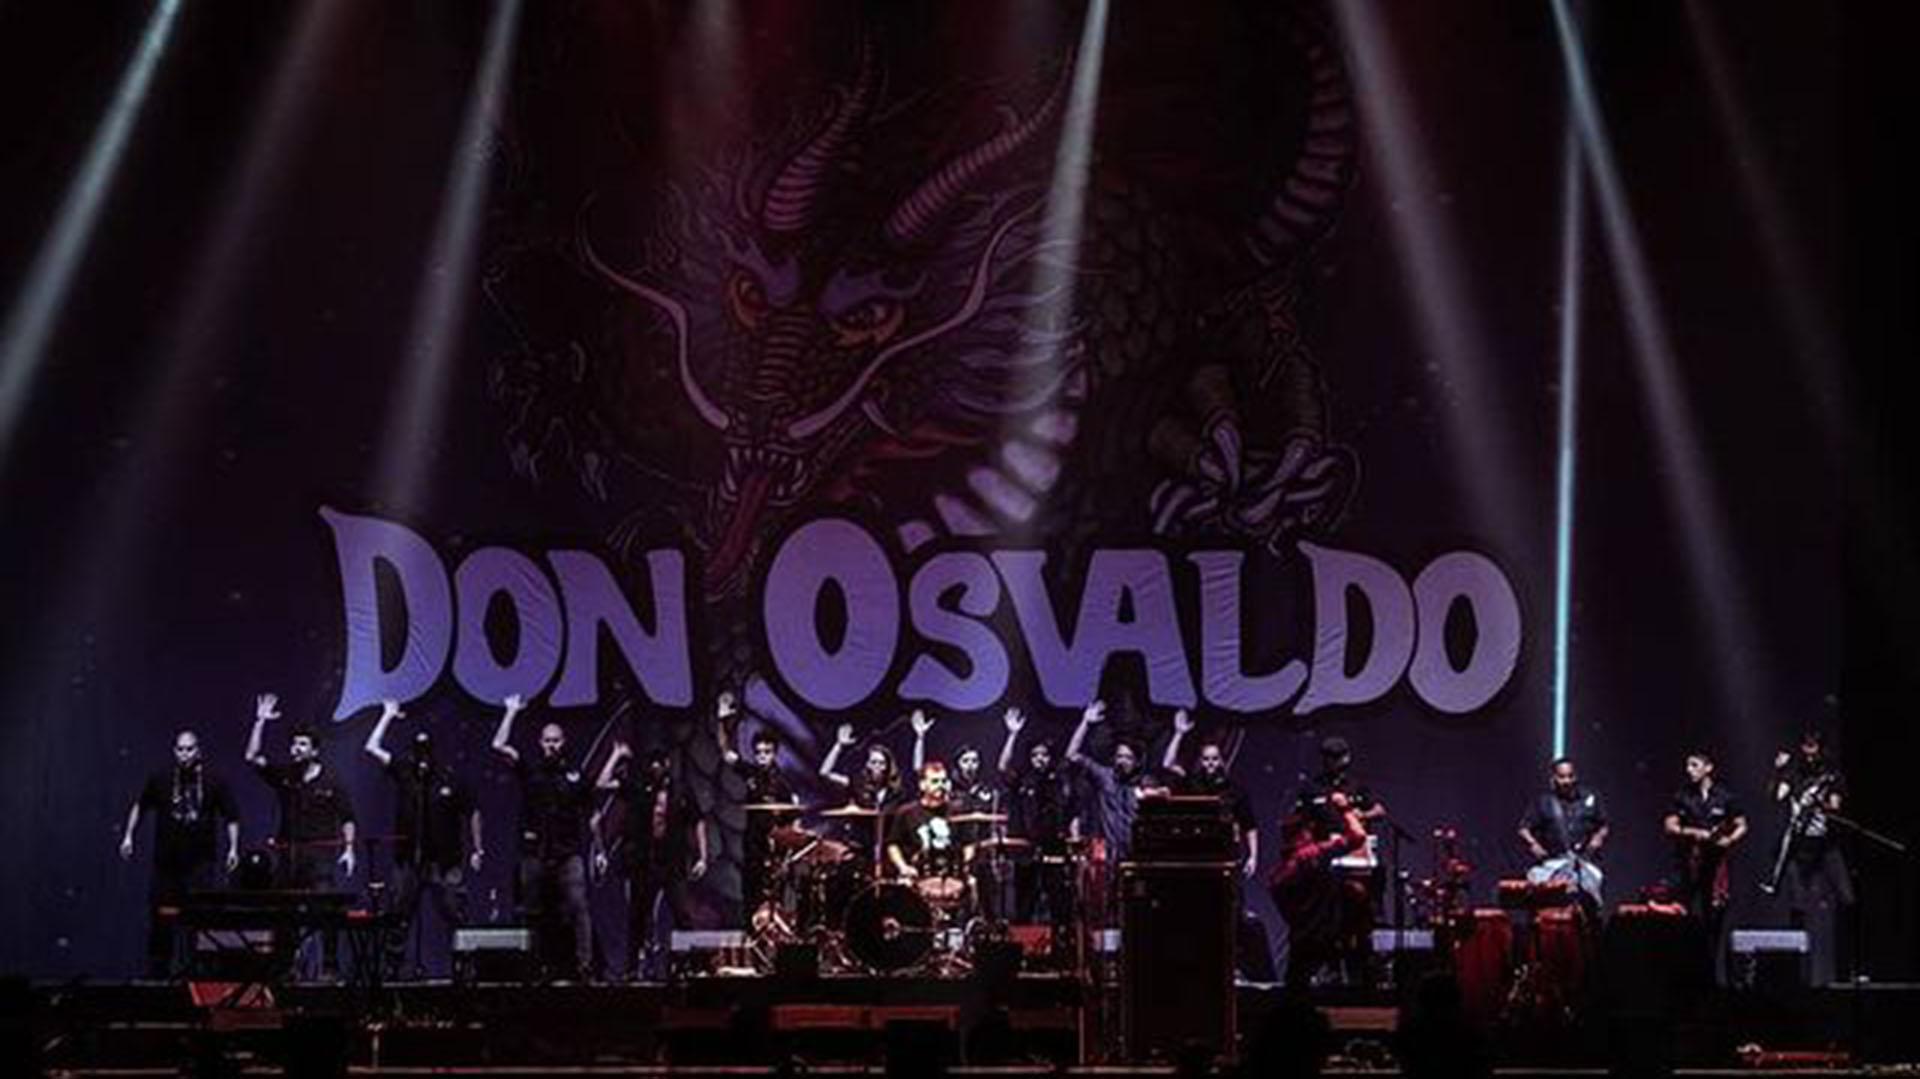 Don Osvaldo